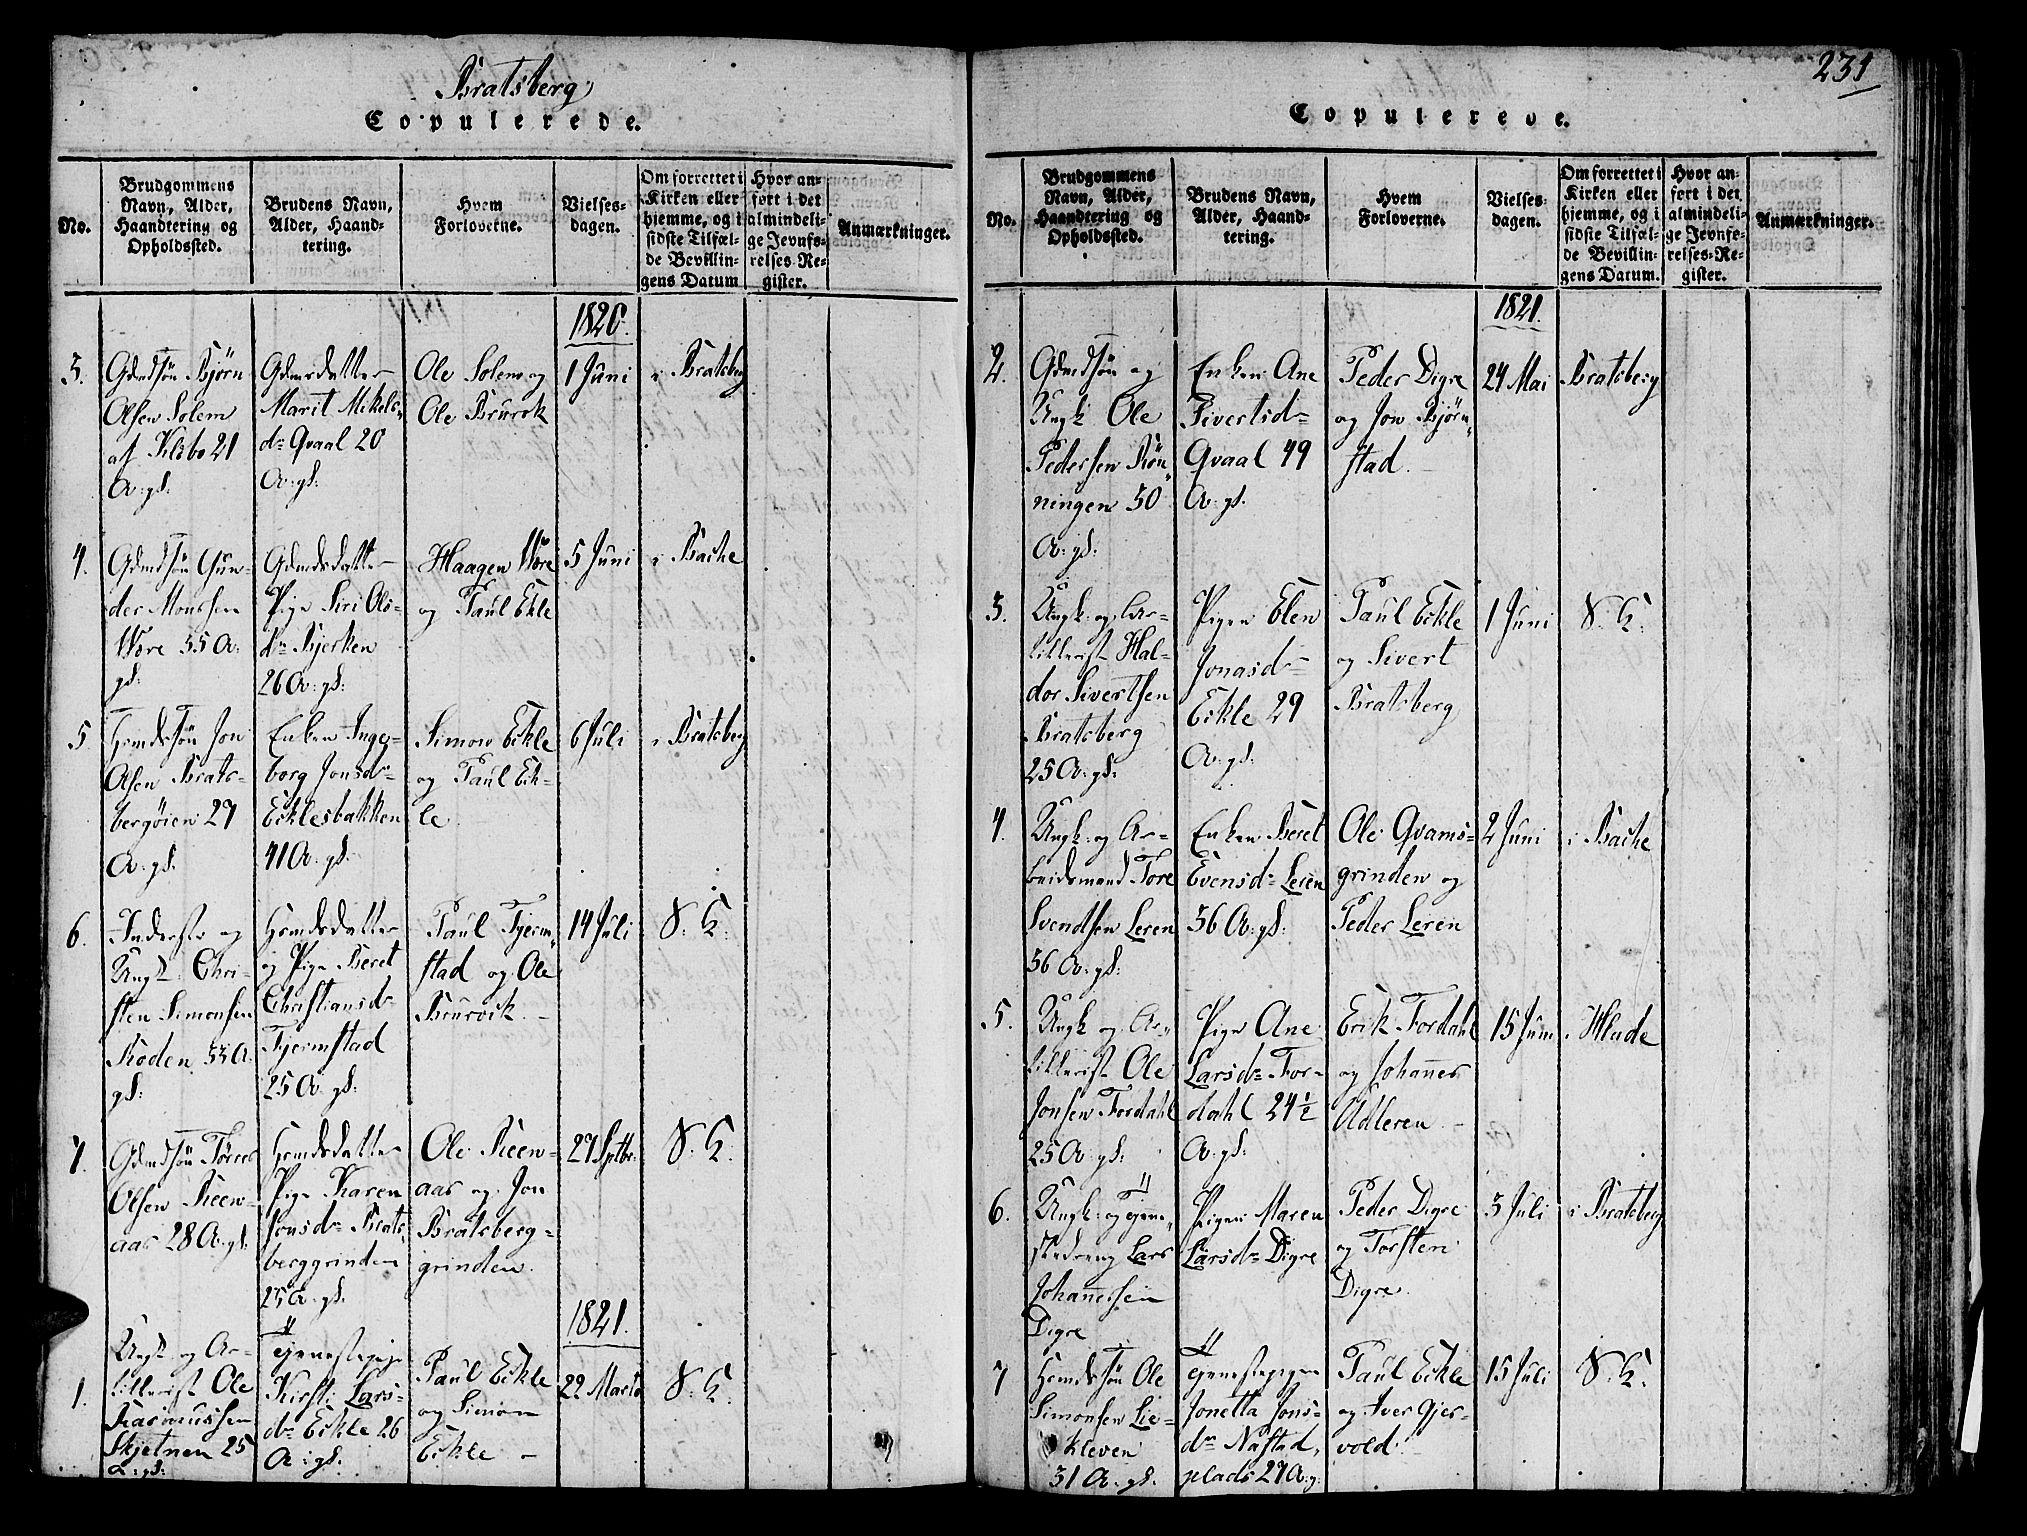 SAT, Ministerialprotokoller, klokkerbøker og fødselsregistre - Sør-Trøndelag, 606/L0285: Ministerialbok nr. 606A03 /3, 1819-1823, s. 231